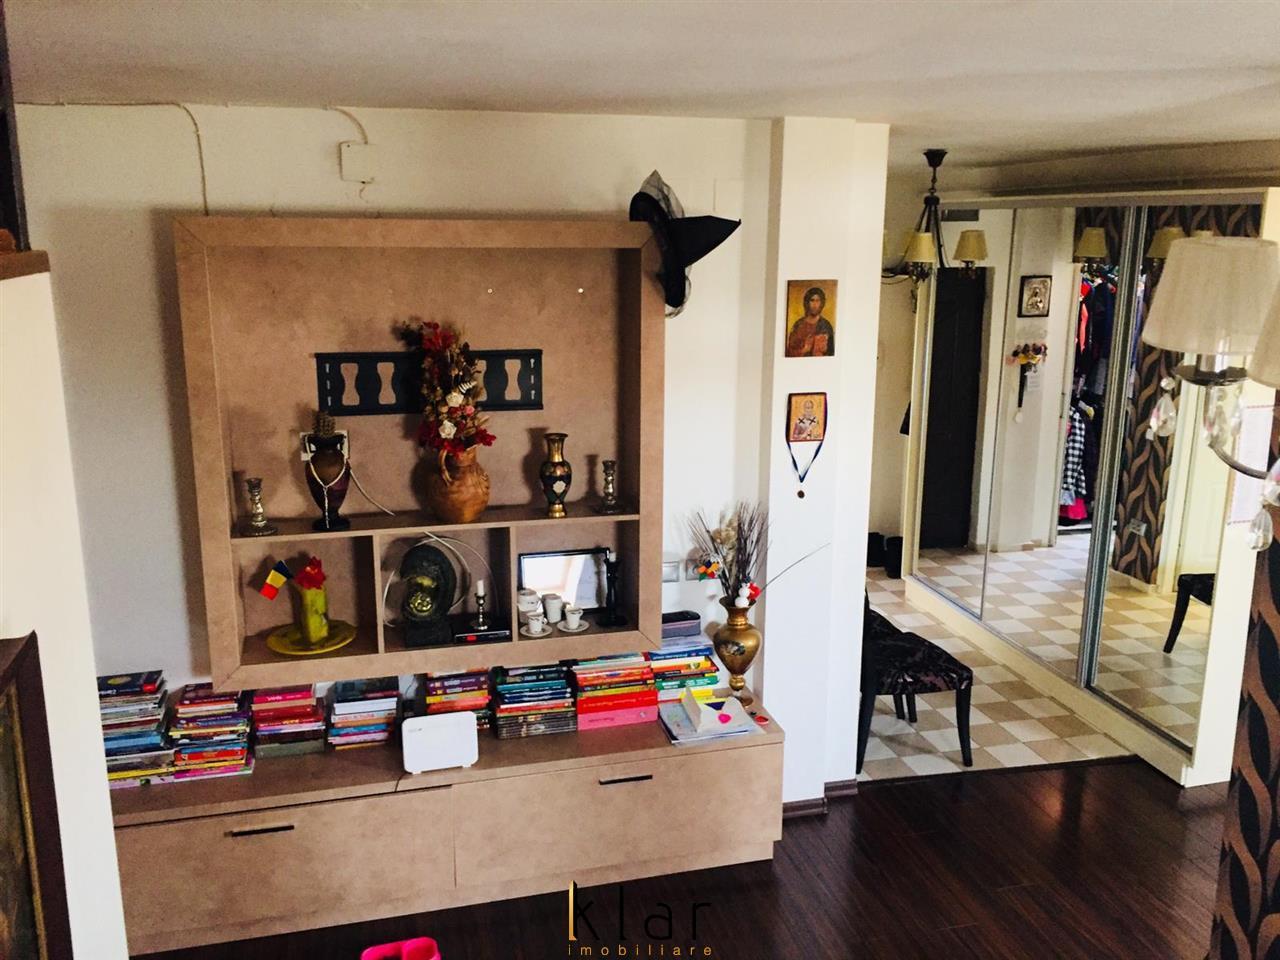 Vanzare apartamenr 4 camere, 116 mp, garaj, zona Lidl, Baciu!